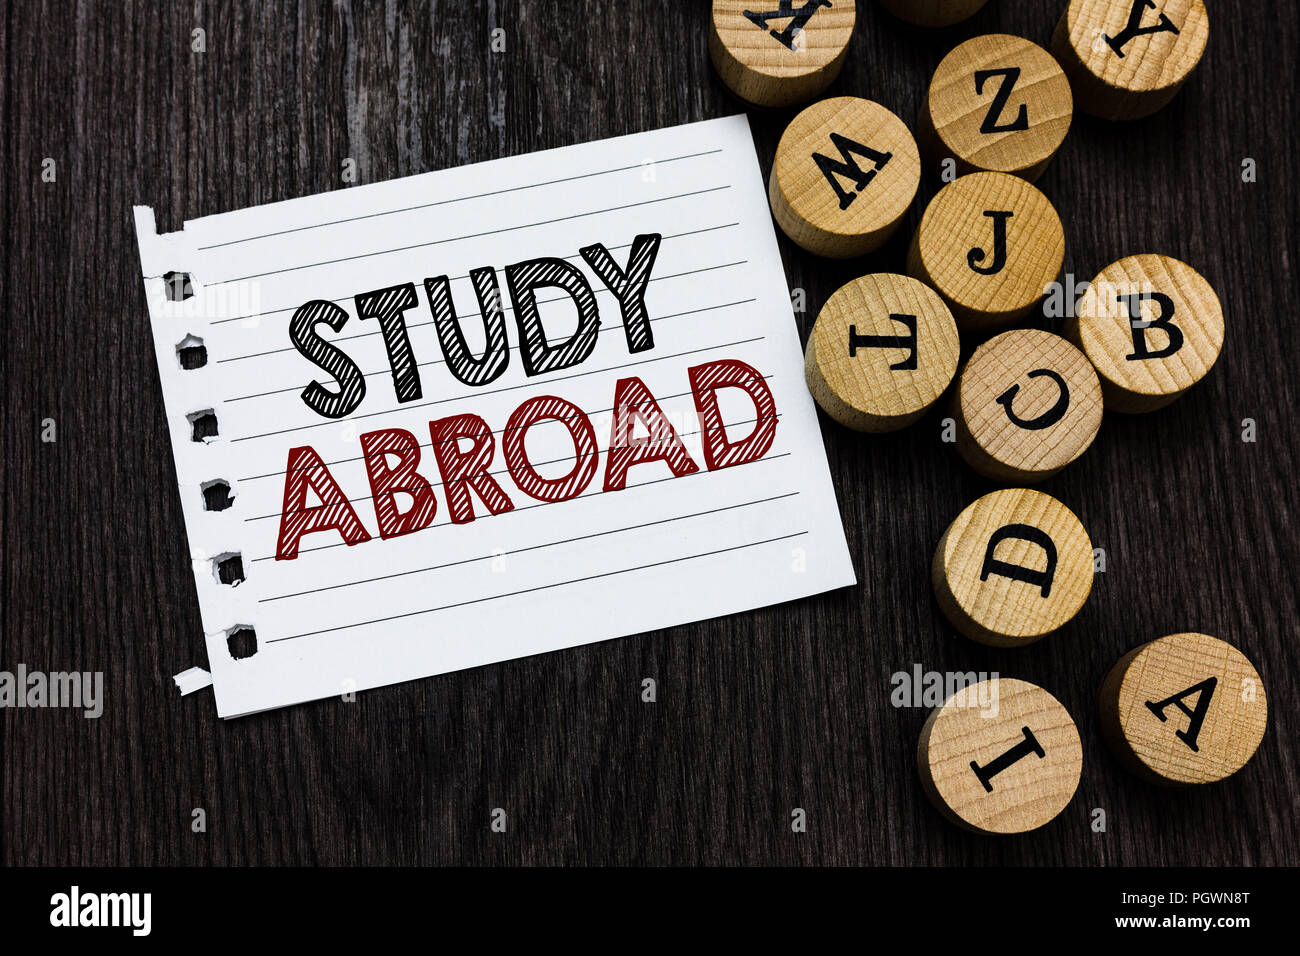 Wort Schreiben Text Studieren Im Ausland Business Konzept Für Die